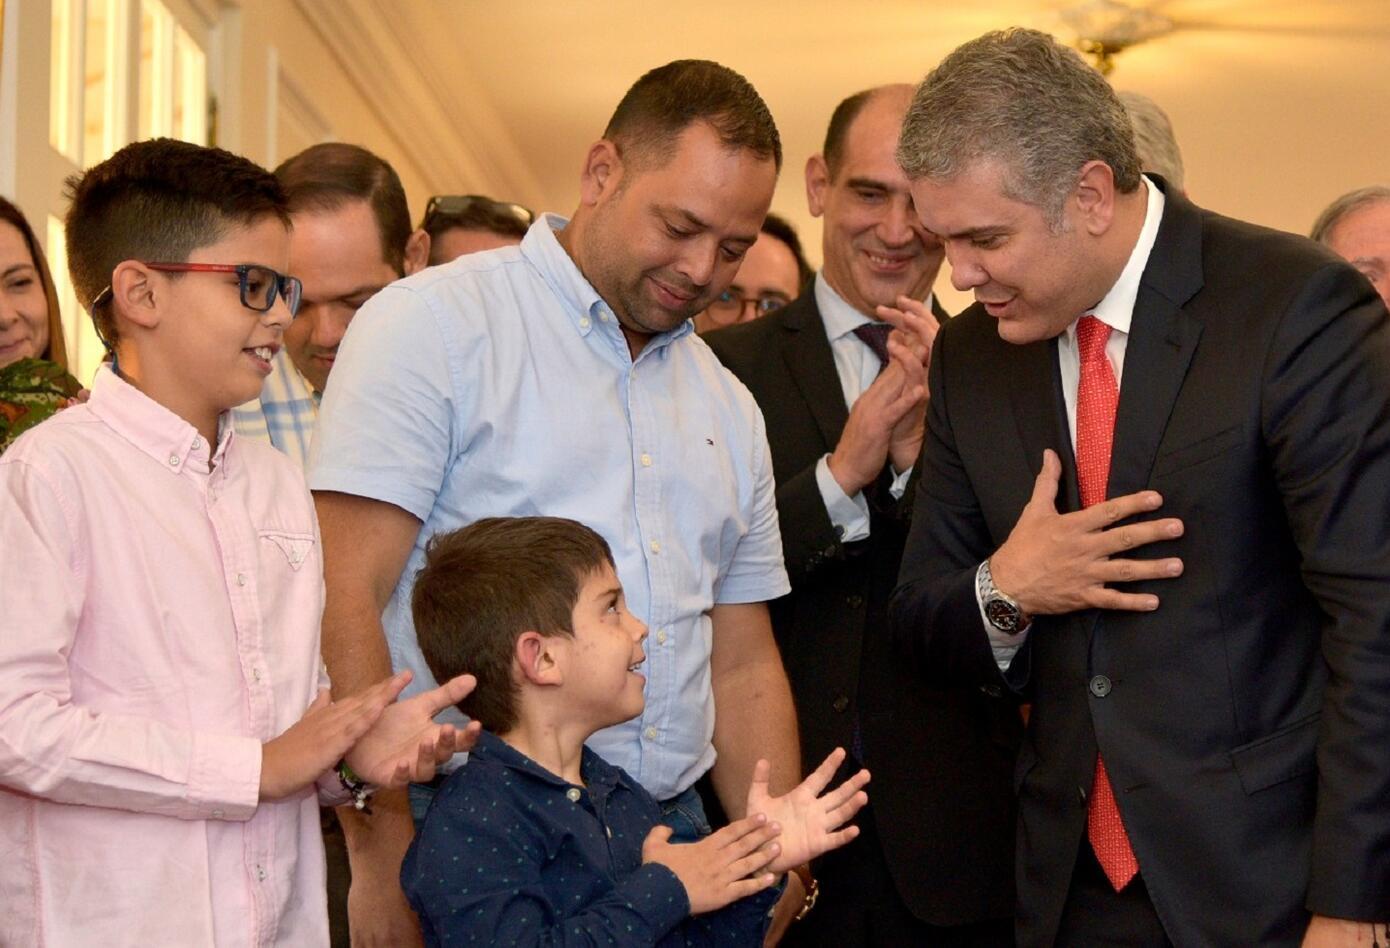 El niño Cristo José Contreras, su hermano Antonio José y su padre Edwin, recorrieron este miércoles la Casa de Nariño en compañía del Jefe de Estado.